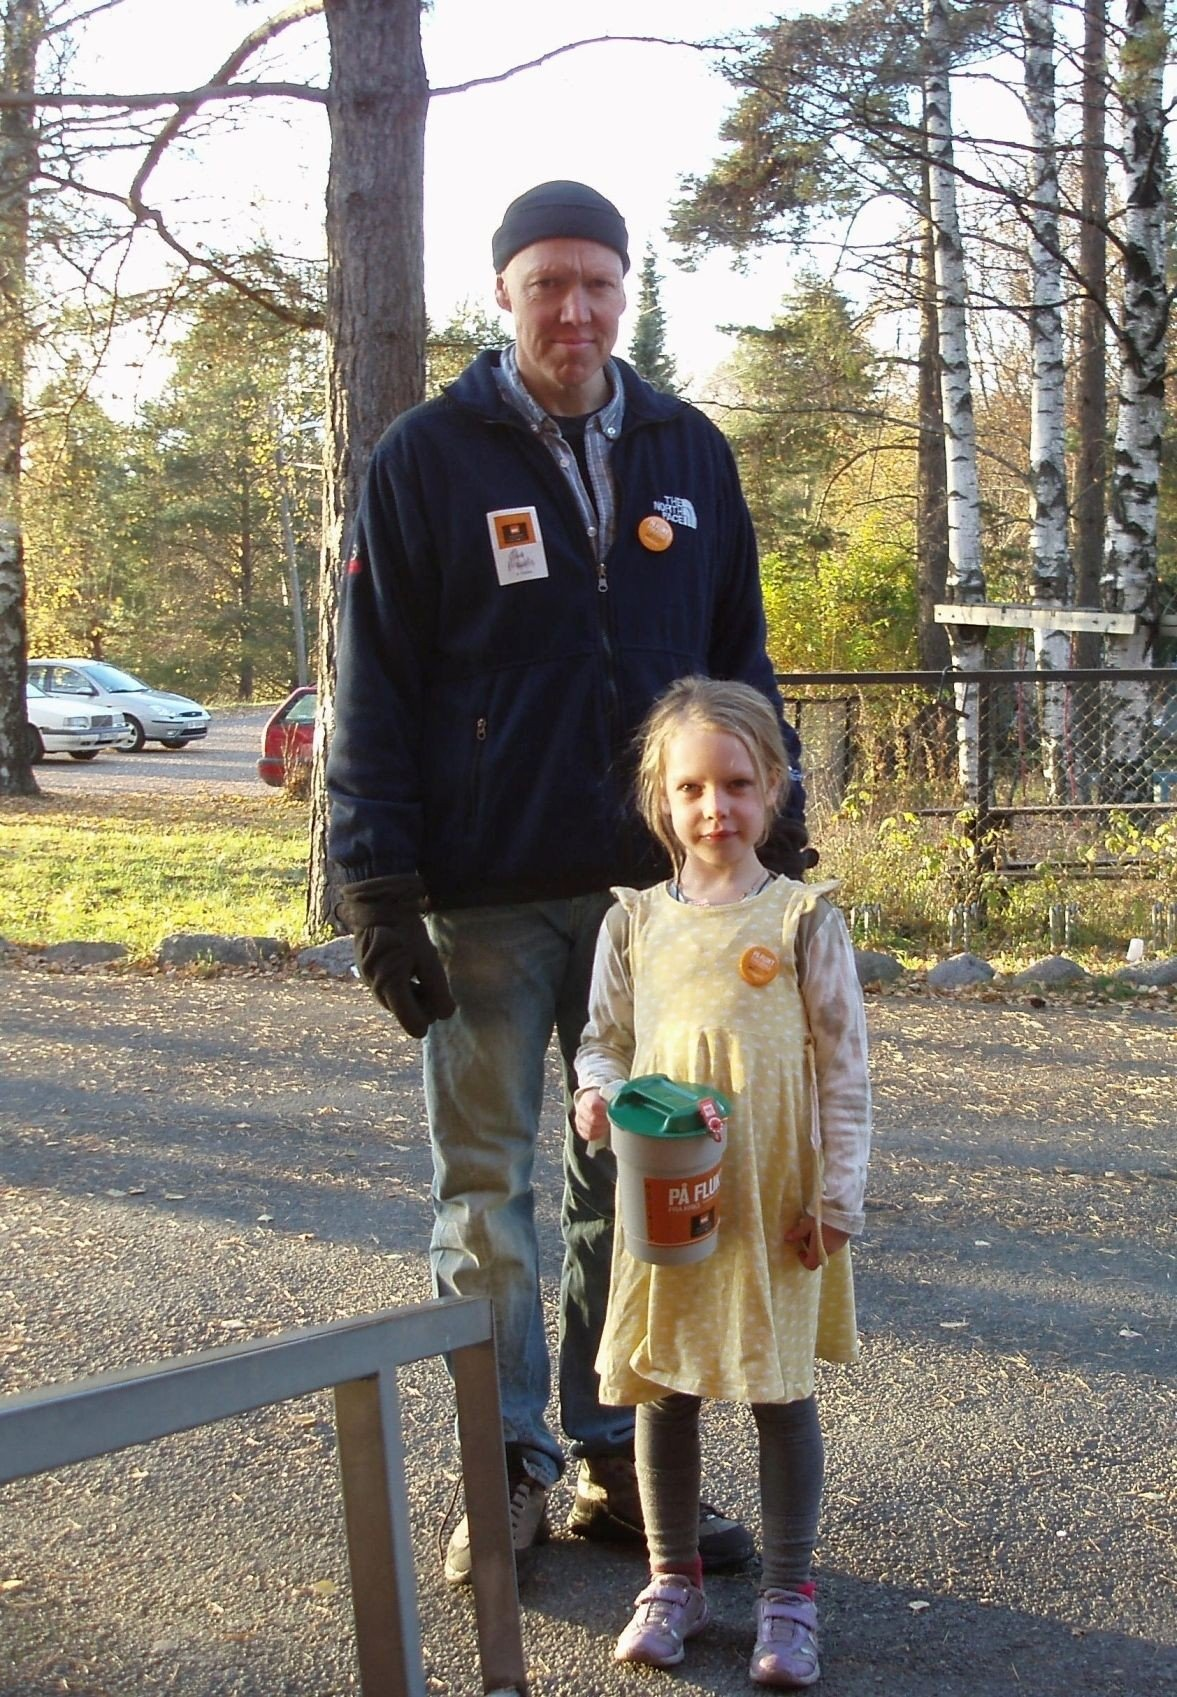 Eira og pappa Ola var to av bøssebærerne for tv-aksjonen på Grefsen søndag, og kunne fortelle om stor gavmildhet.